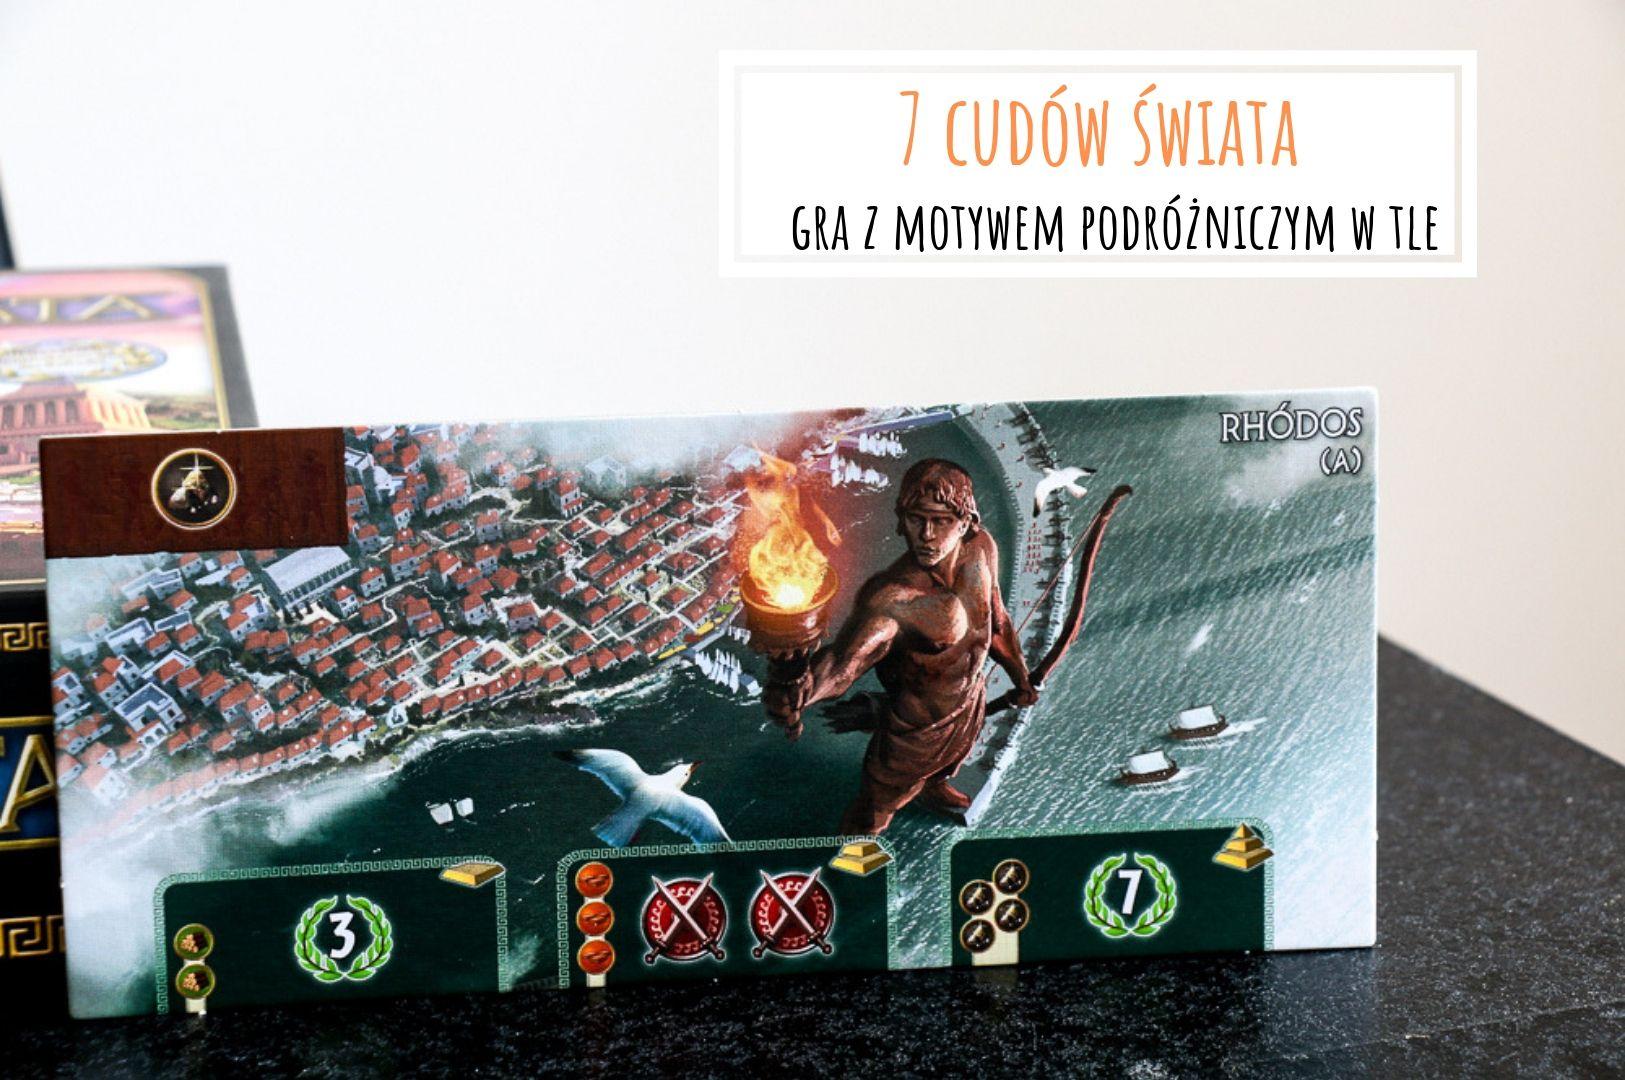 7_cudow_swiata_gra